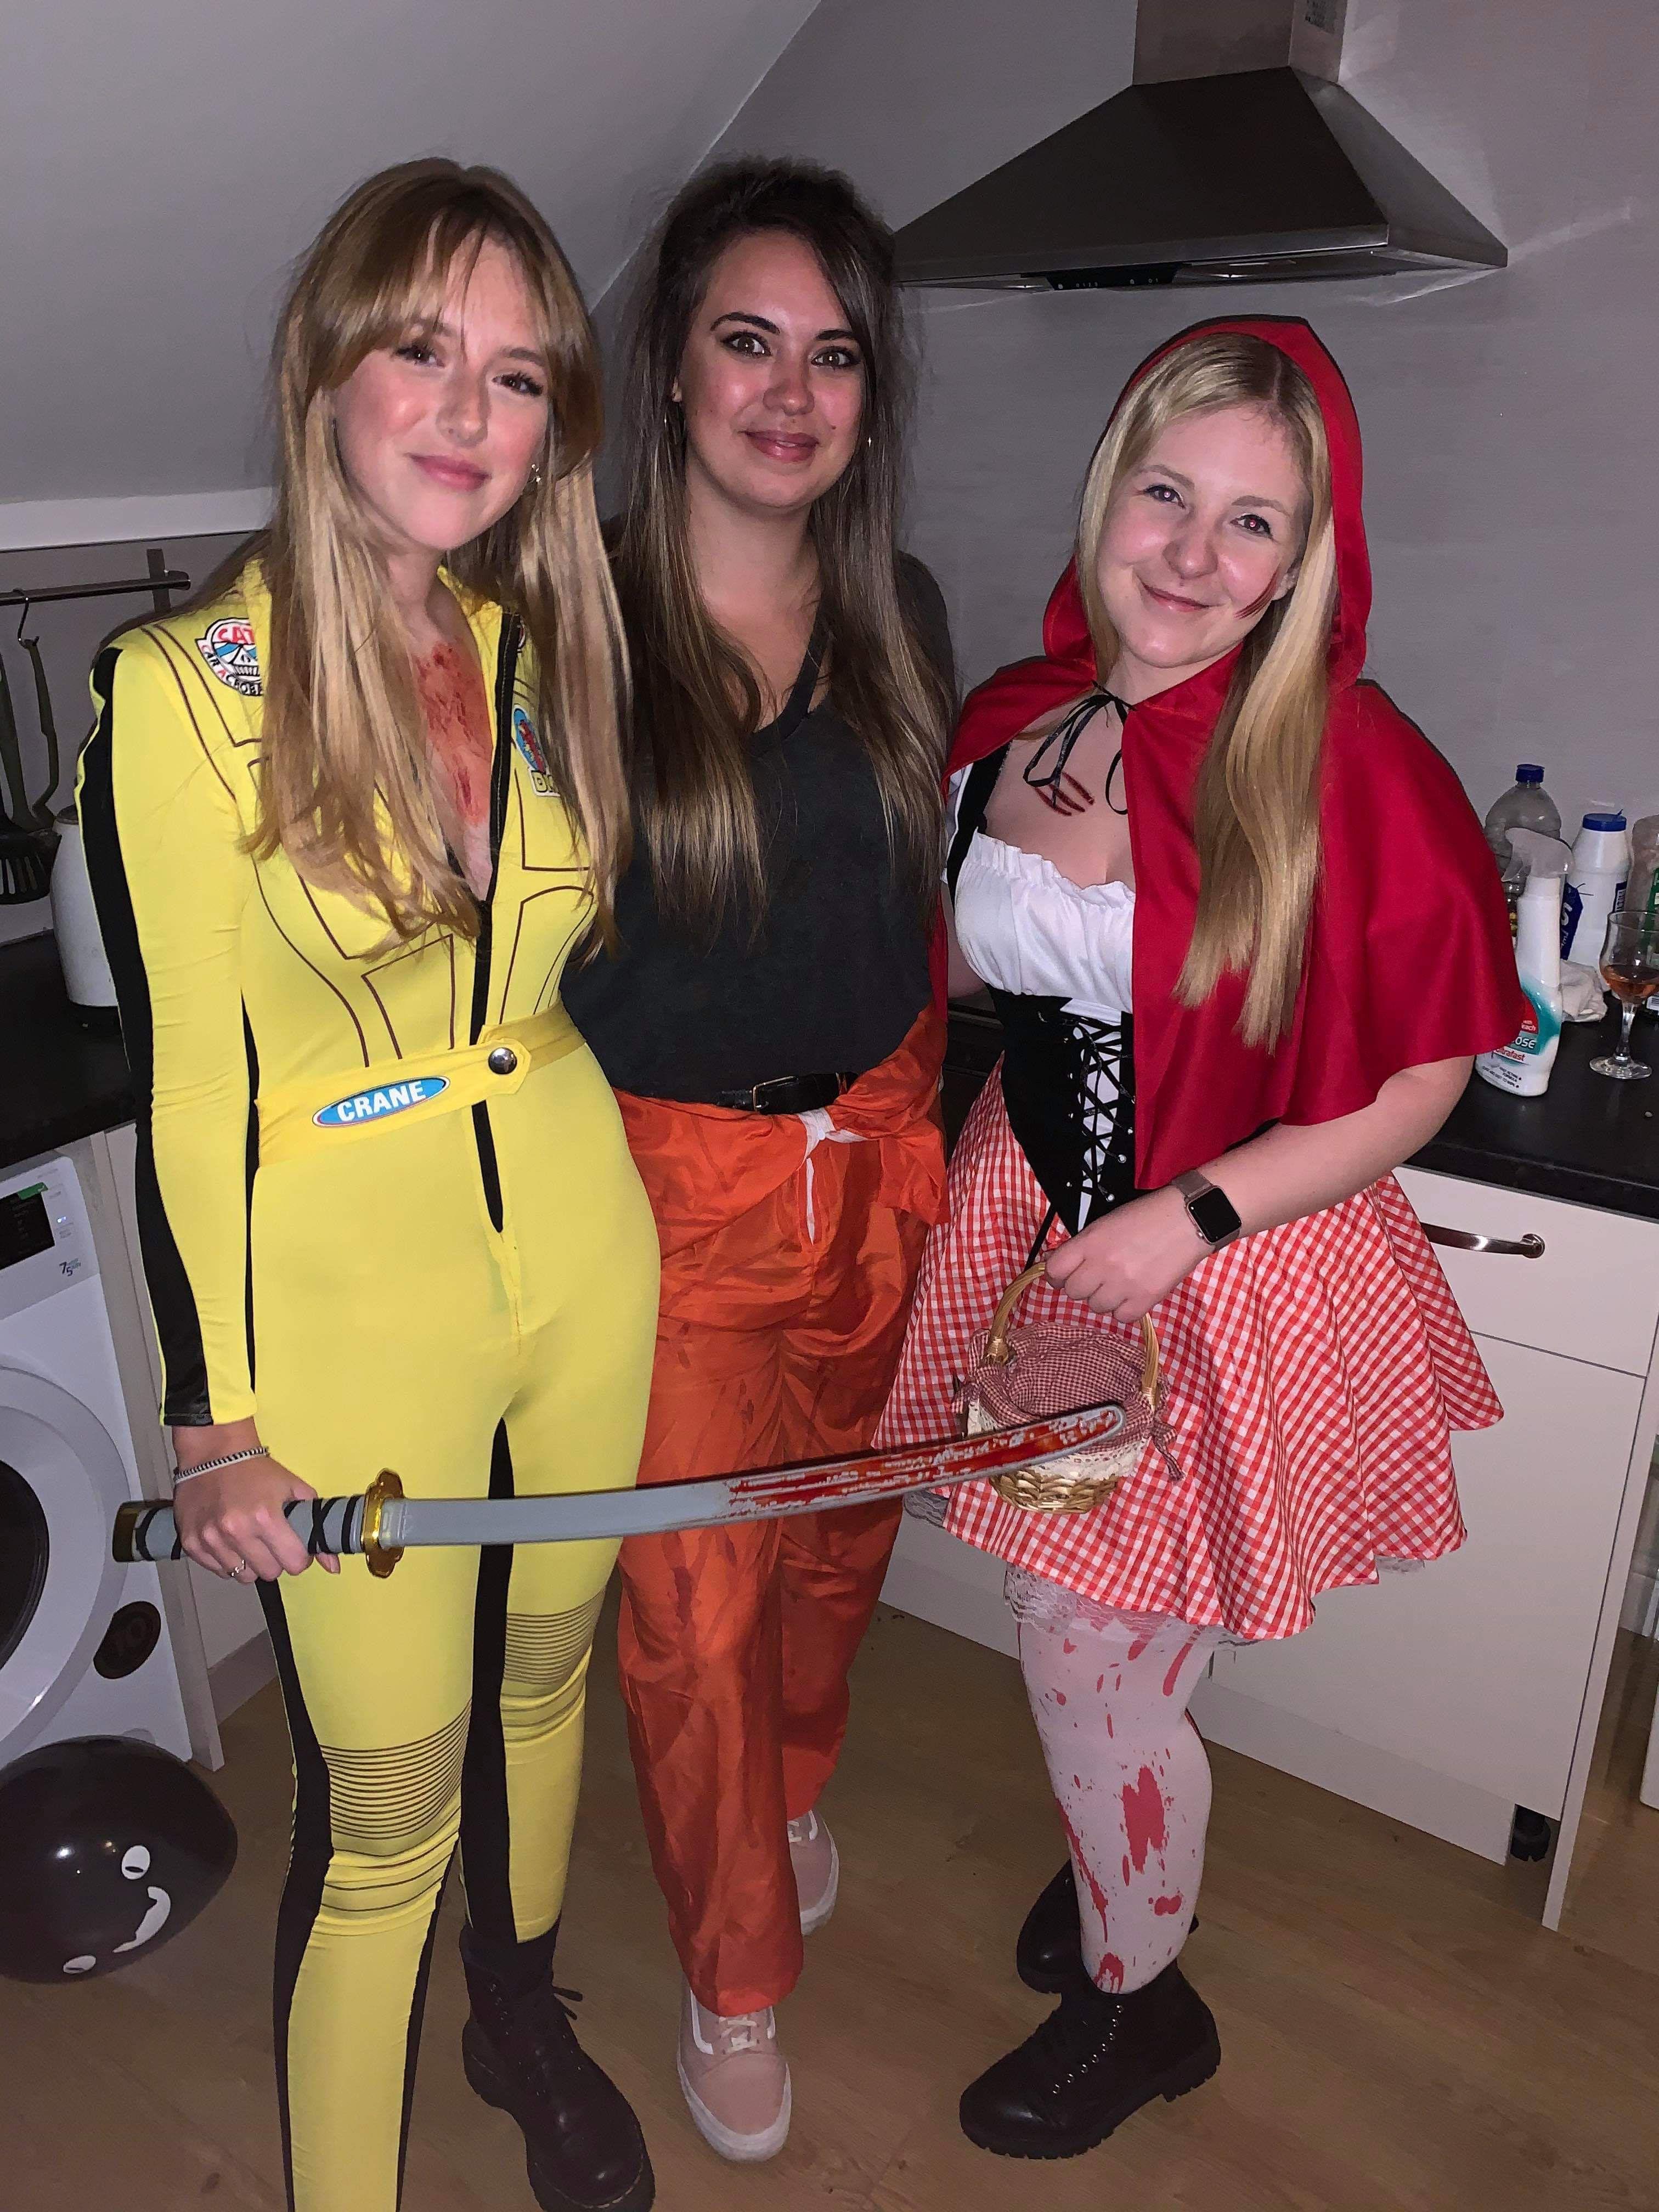 Kill Bill Halloween Costume 2019 (With images) Kill bill